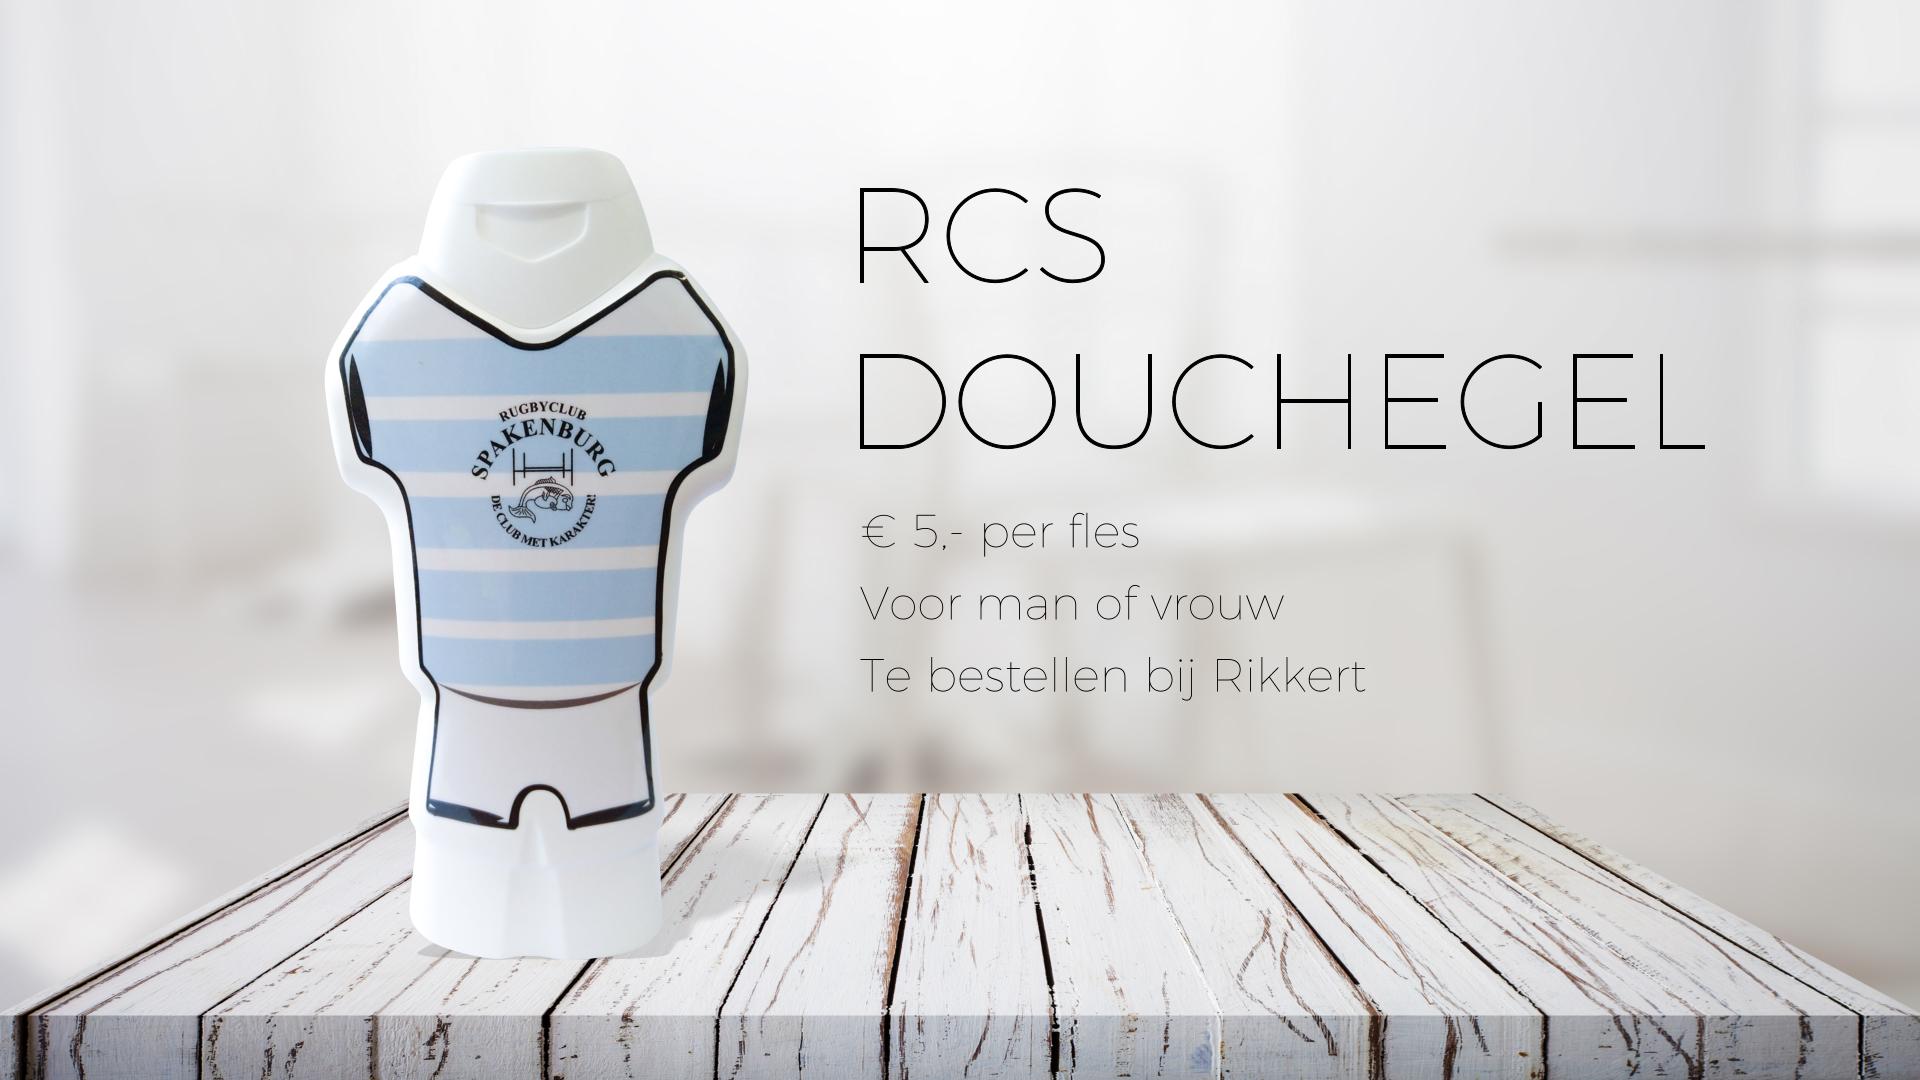 RCS Douchegel